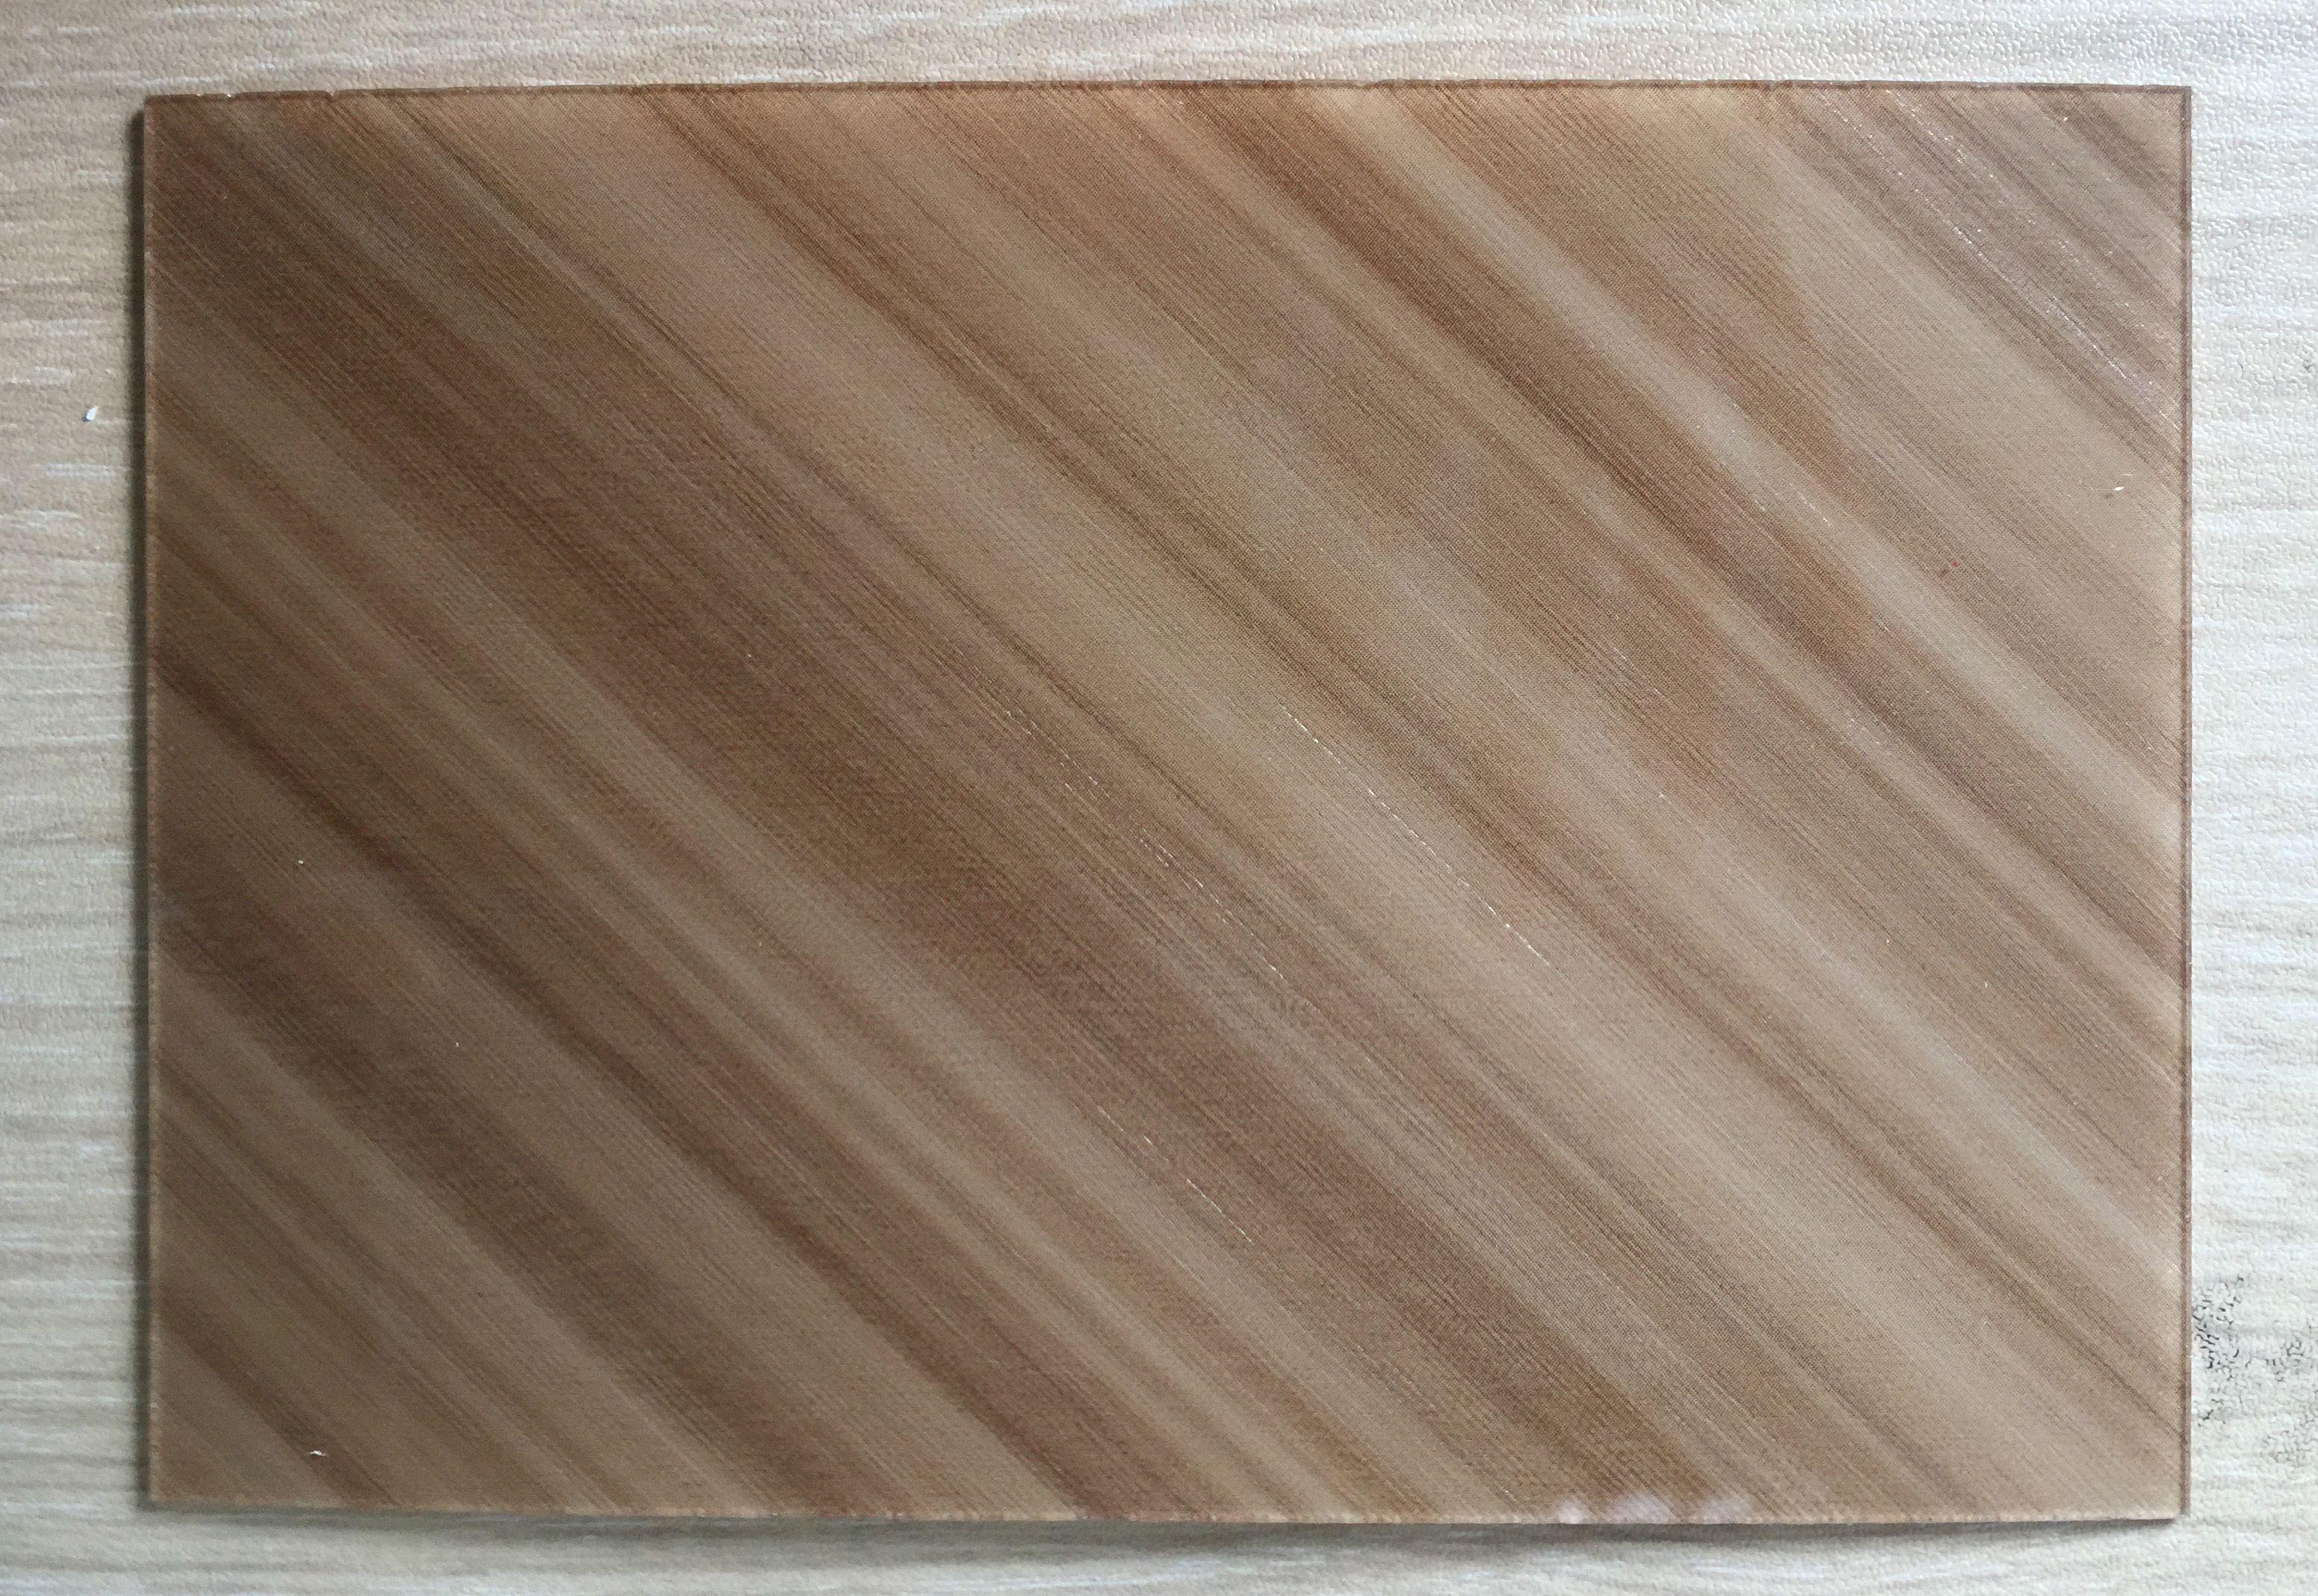 Fanvi Wooden Grains Plastic Sheet Decoration Veneer Veneers Acrylic Sheets Plastic Sheets